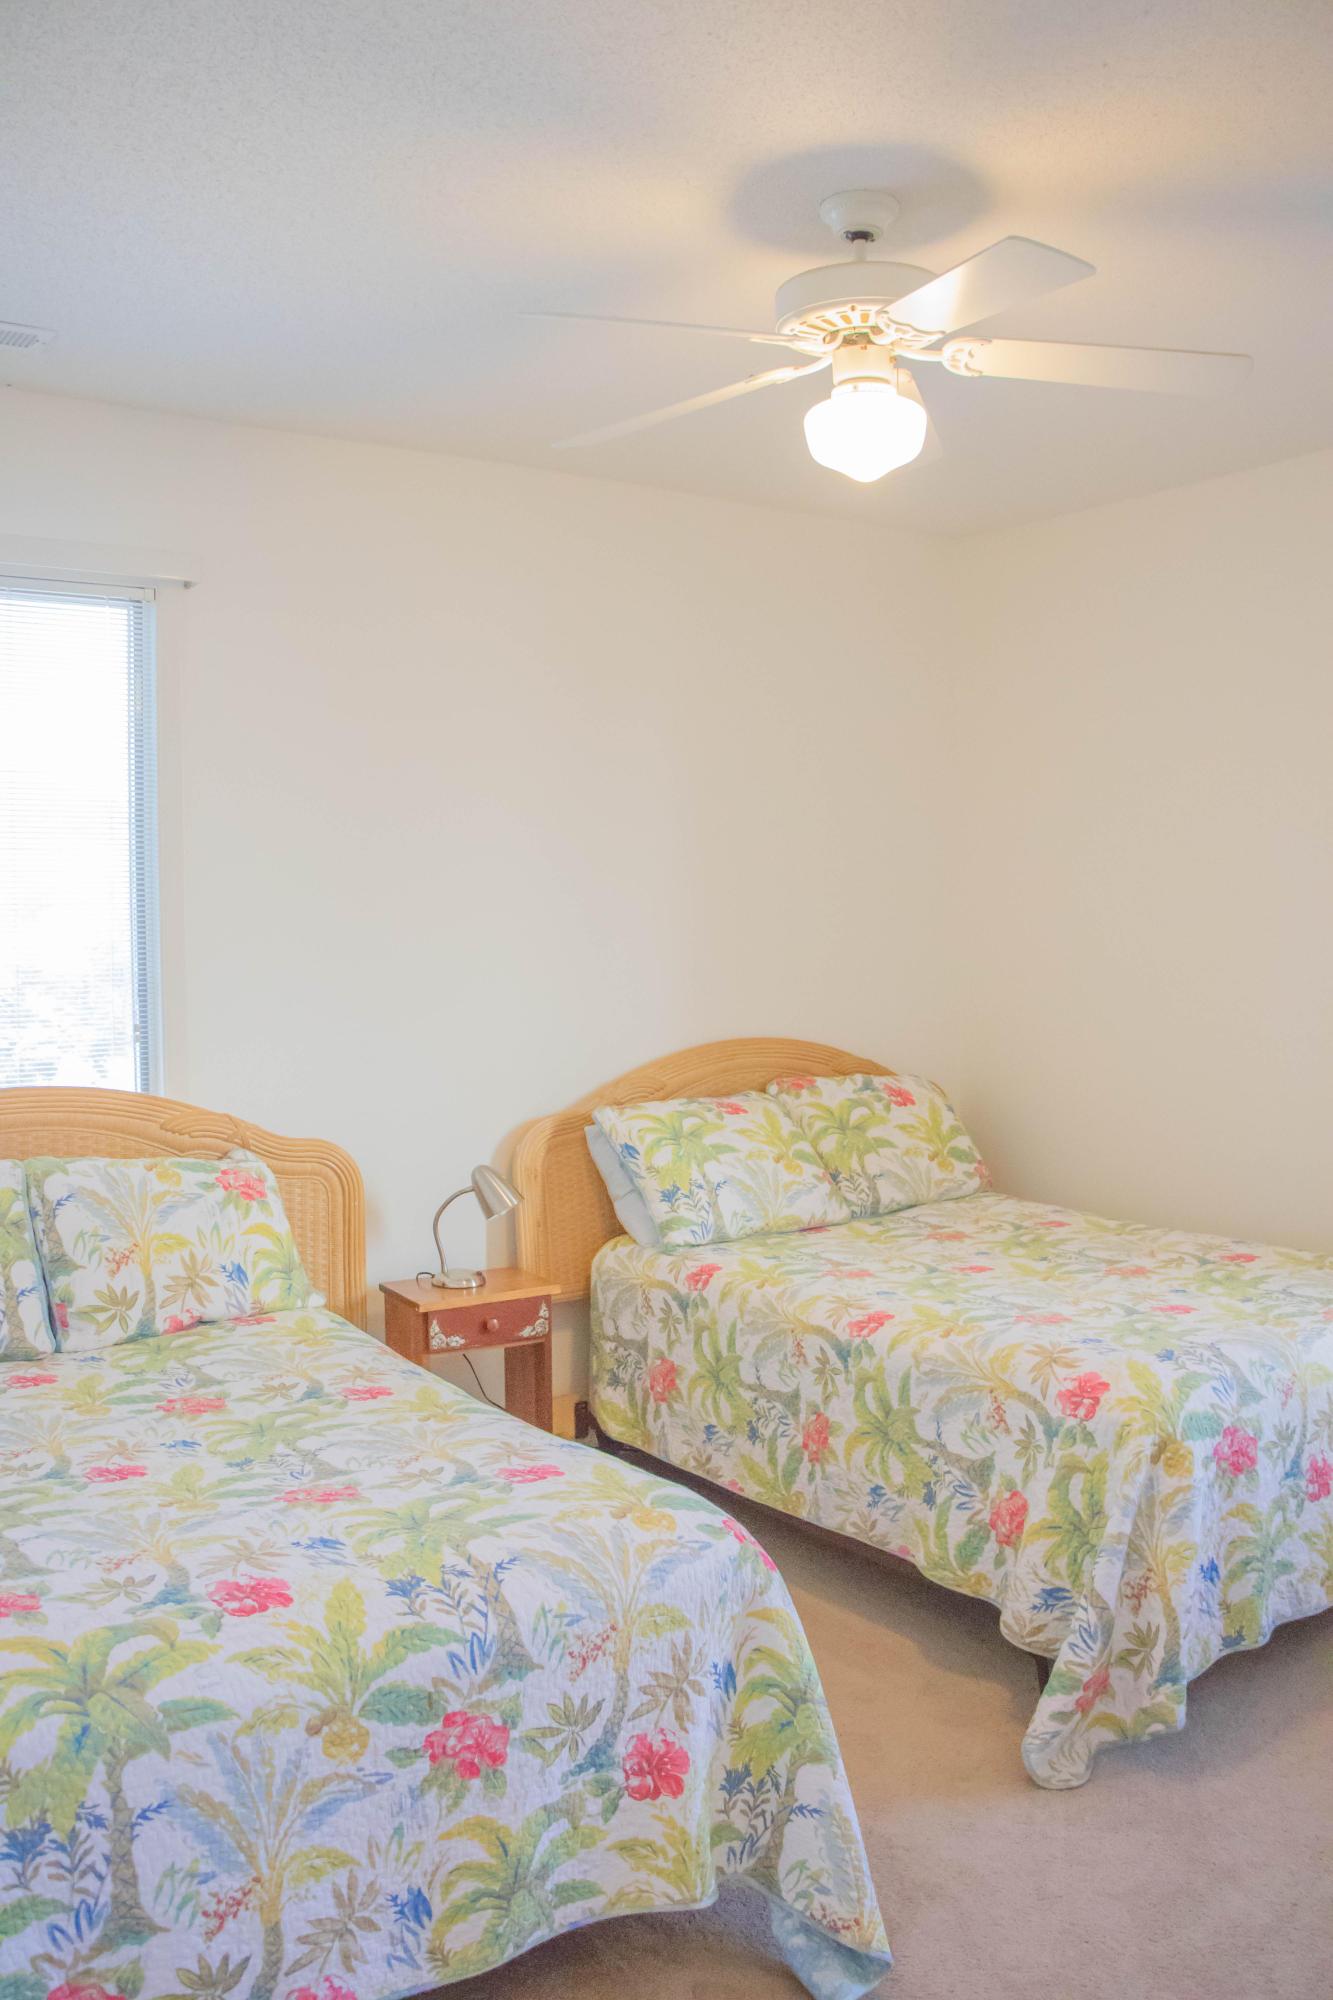 Folly Beach Homes For Sale - 1013 Arctic, Folly Beach, SC - 24